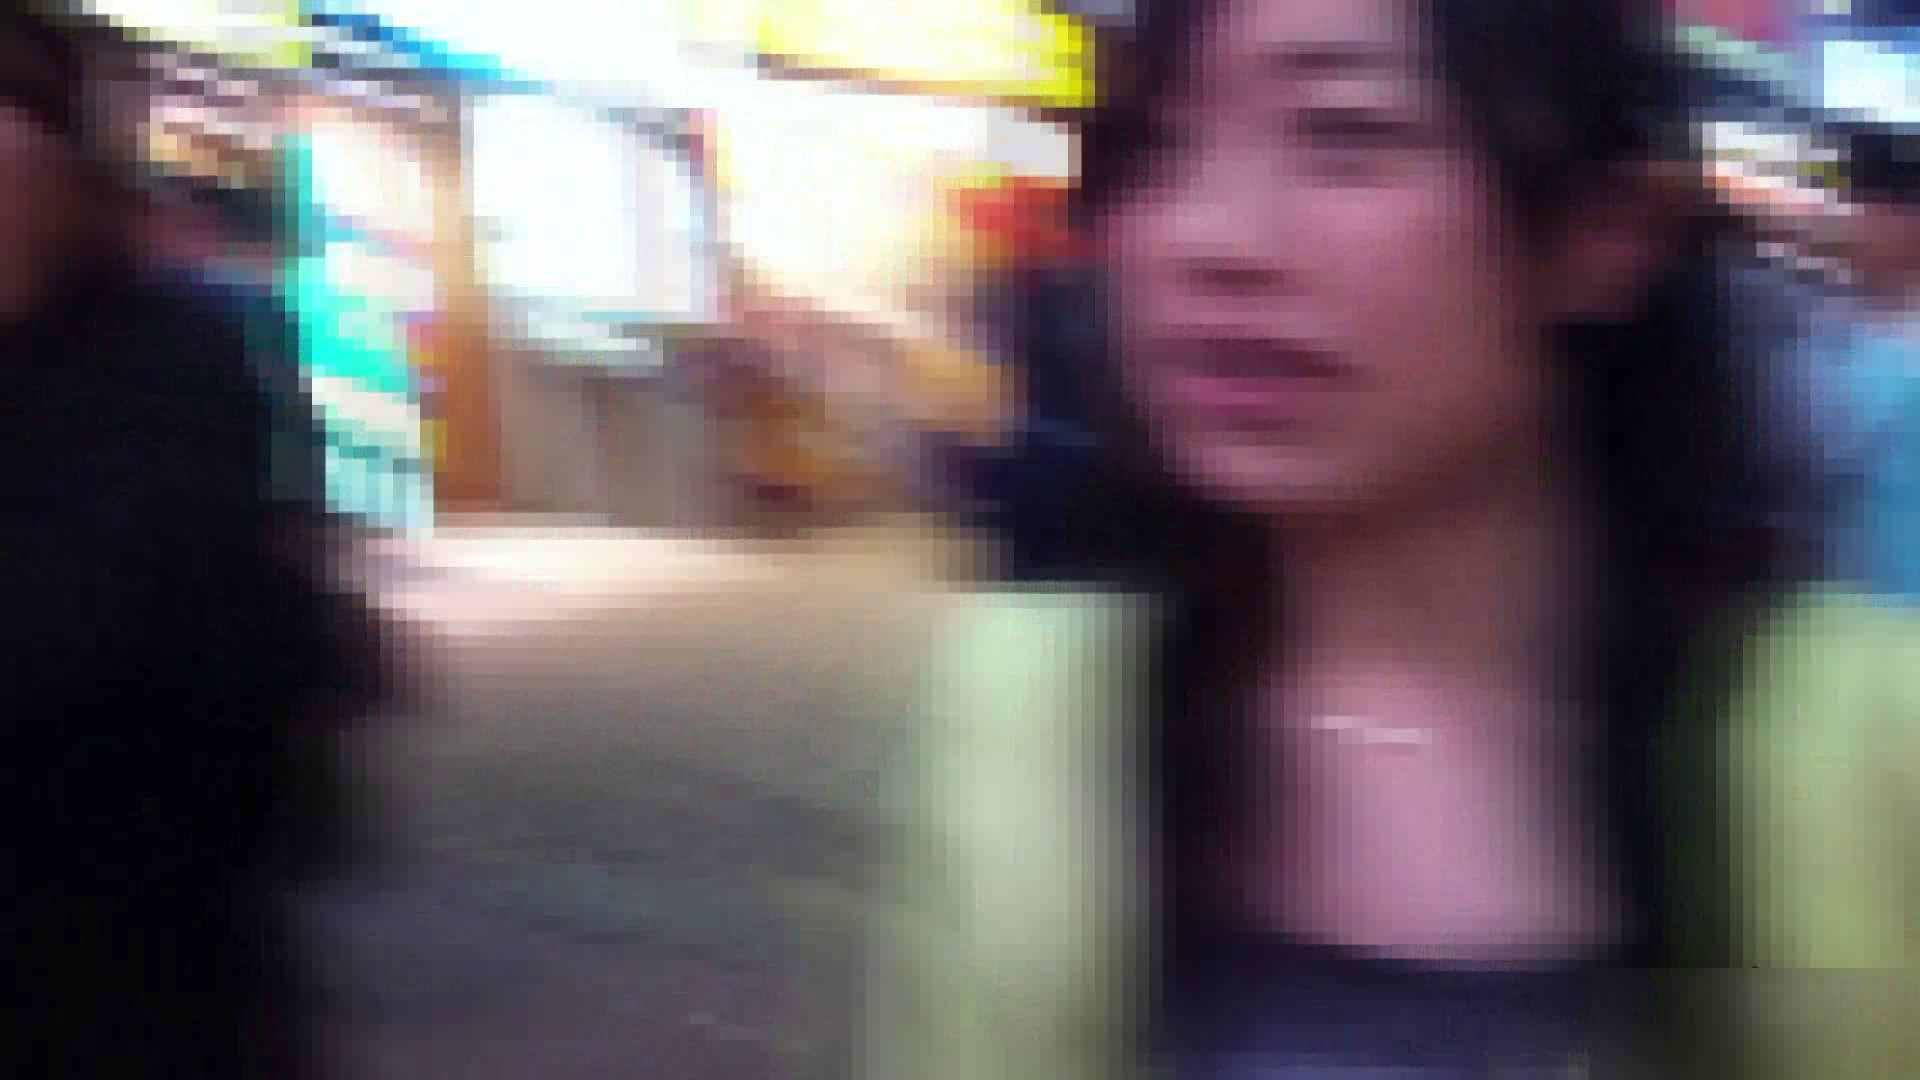 ガールズパンチラストリートビューVol.015 新入生パンチラ   現役ギャル  93pic 81